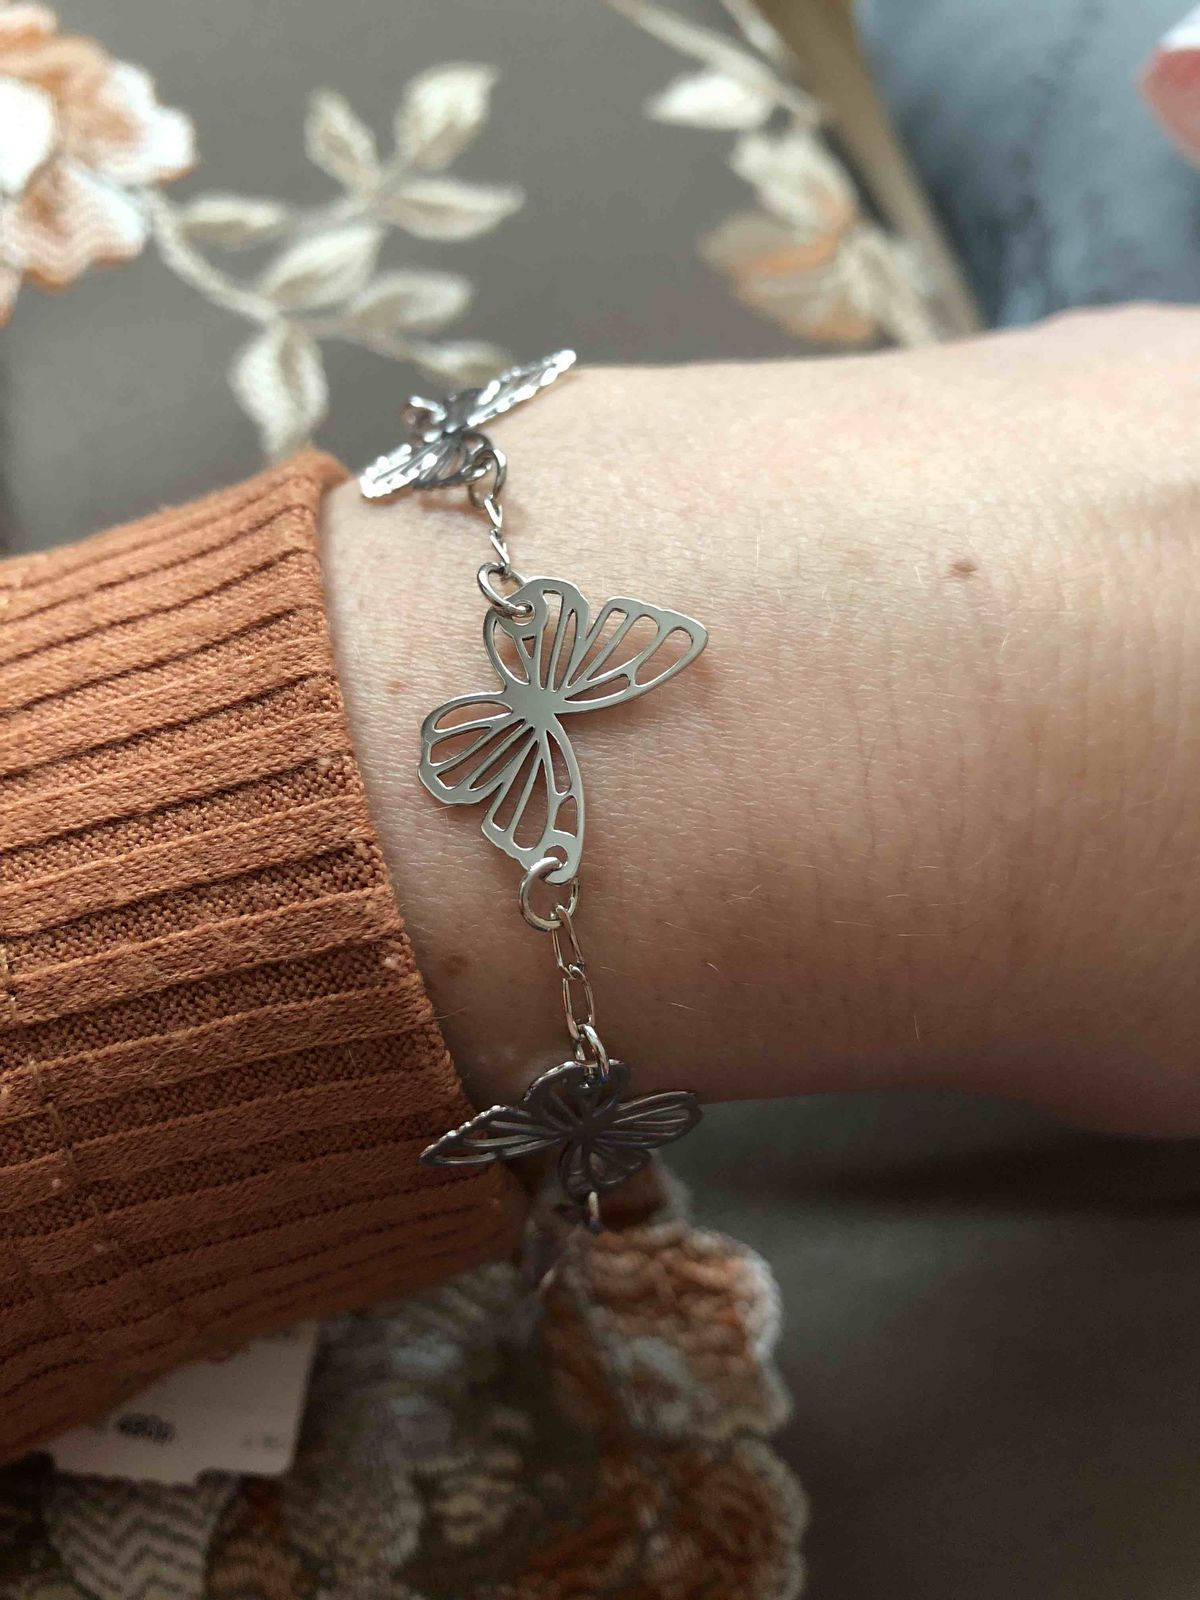 Шикарный комплект  серебро с очаровательными бабочками в современном стиле